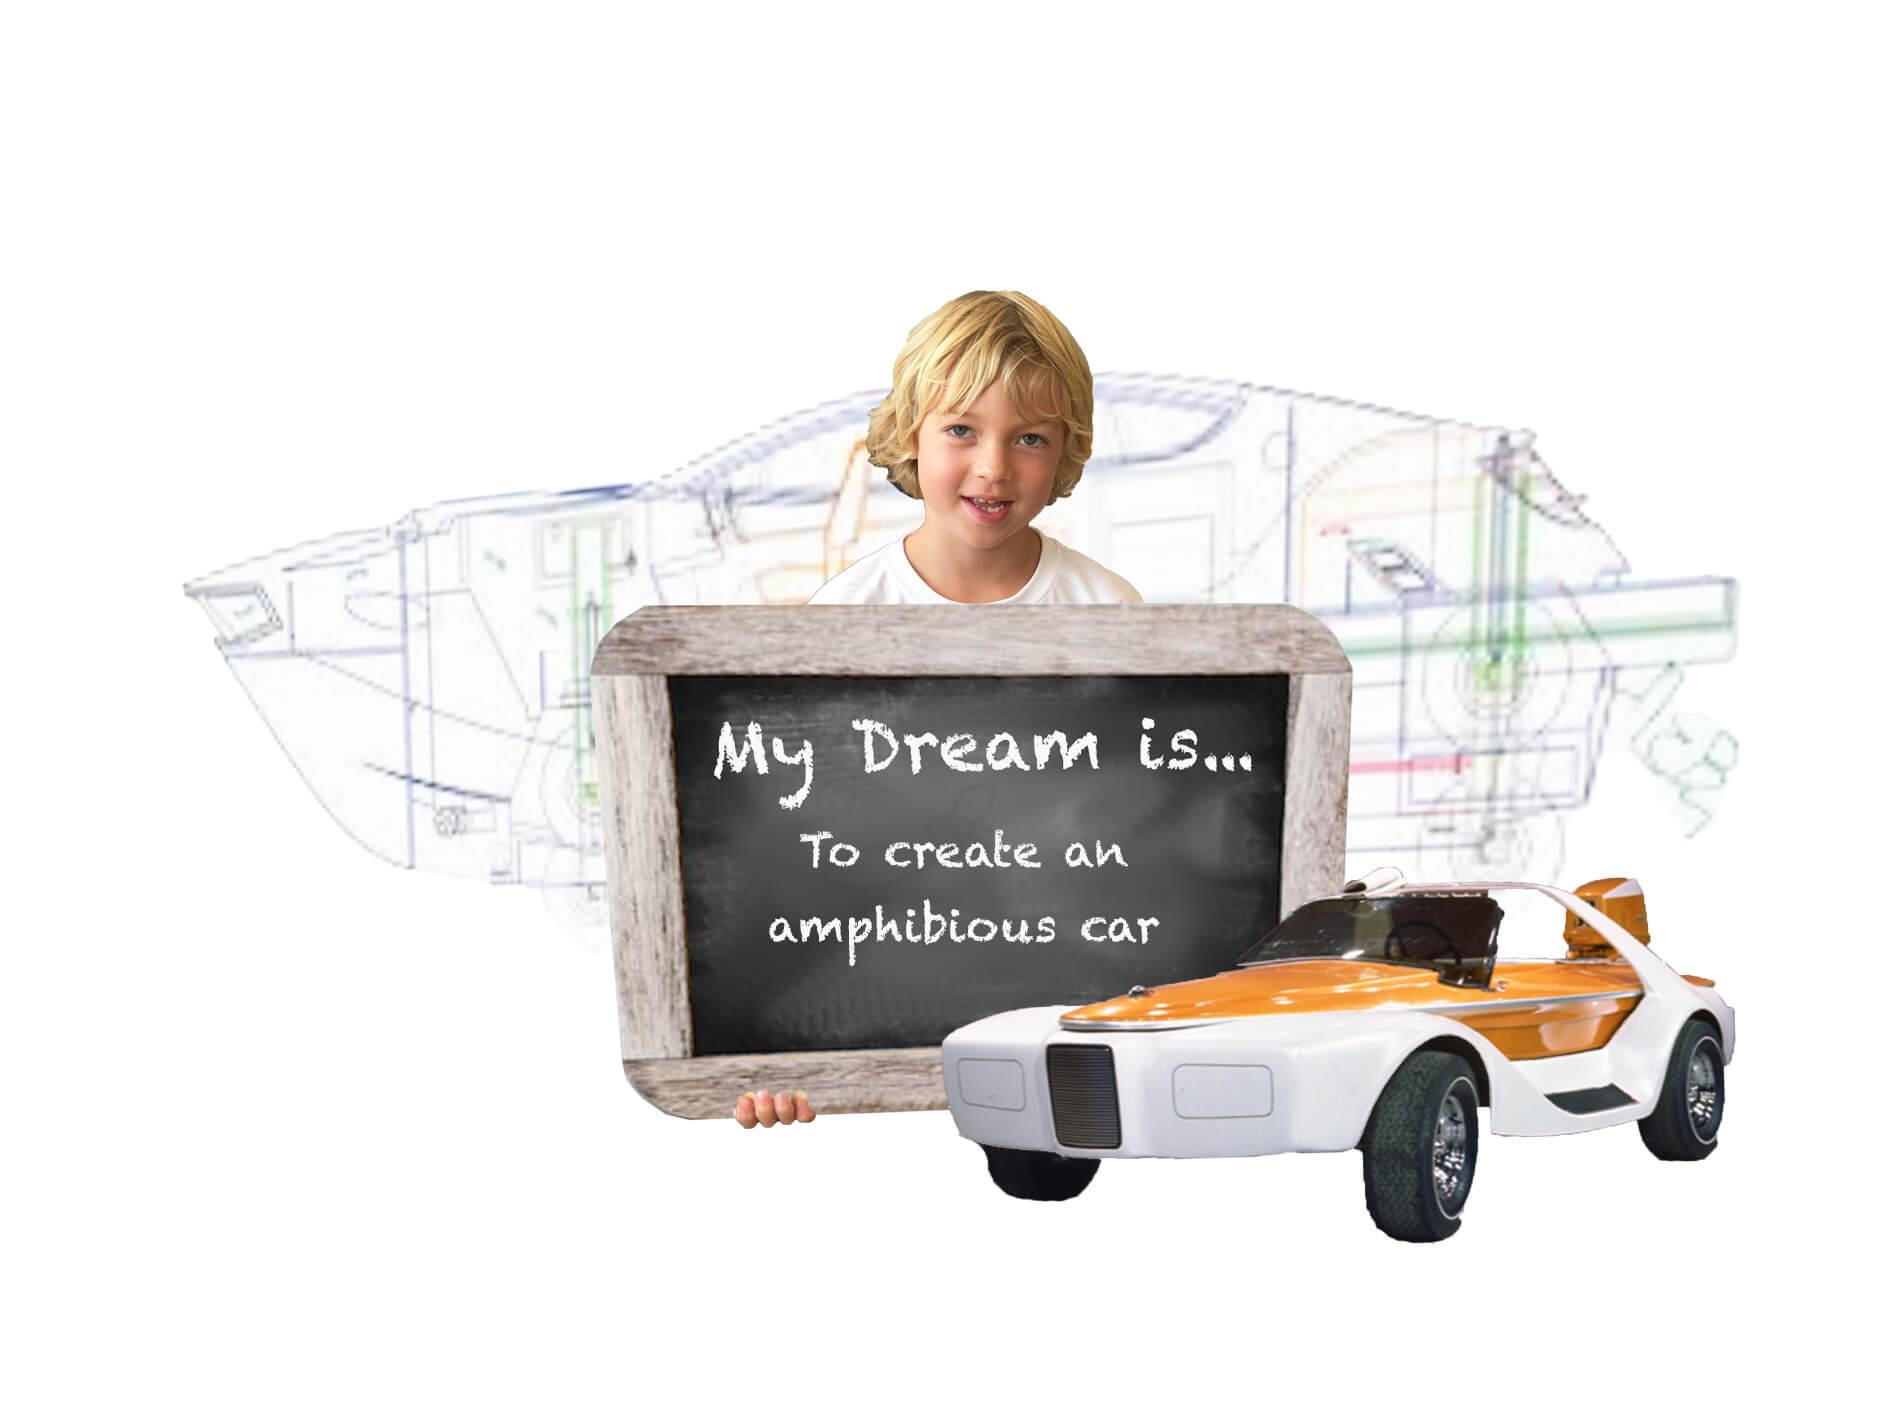 My Dream is to create an amphibious car